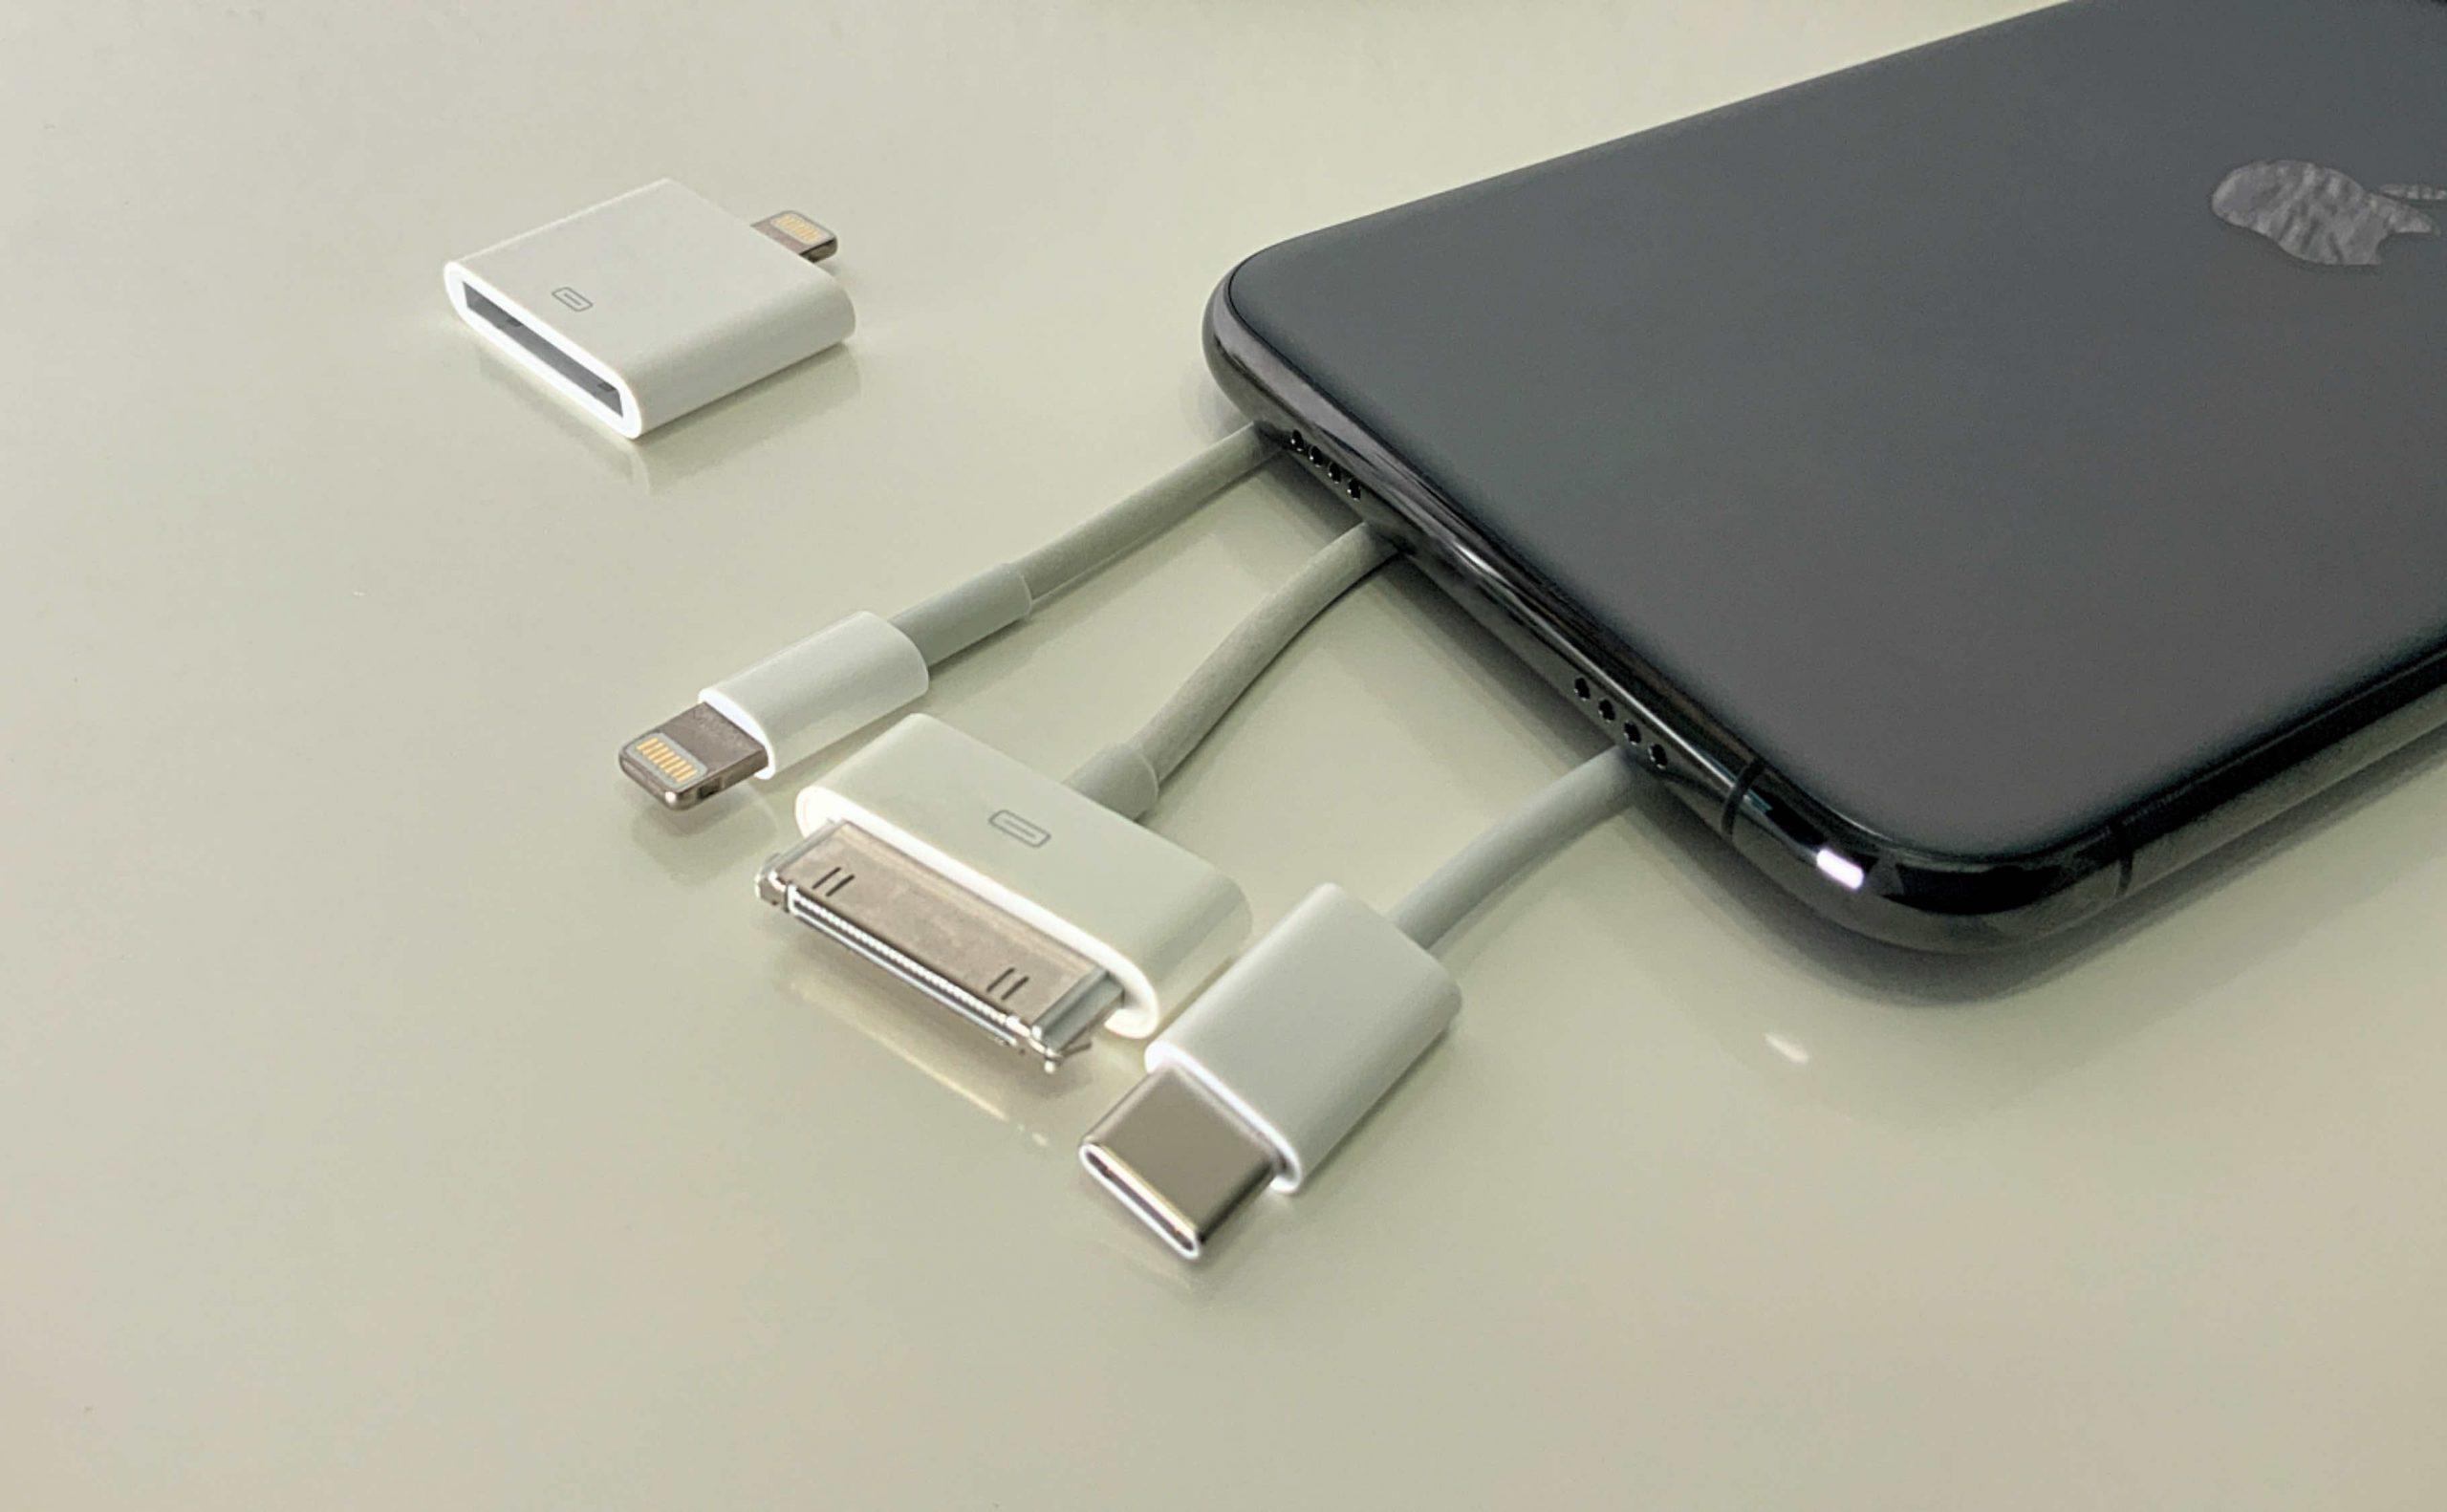 Keinerlei-Kabelanschluss-für-das-iPhone-Kolumne-Artikelbild-Lightning-Dockconnector-USB-C-Adapter-Wireless-Kabellos-scaled Keinerlei Kabelanschluss für das iPhone